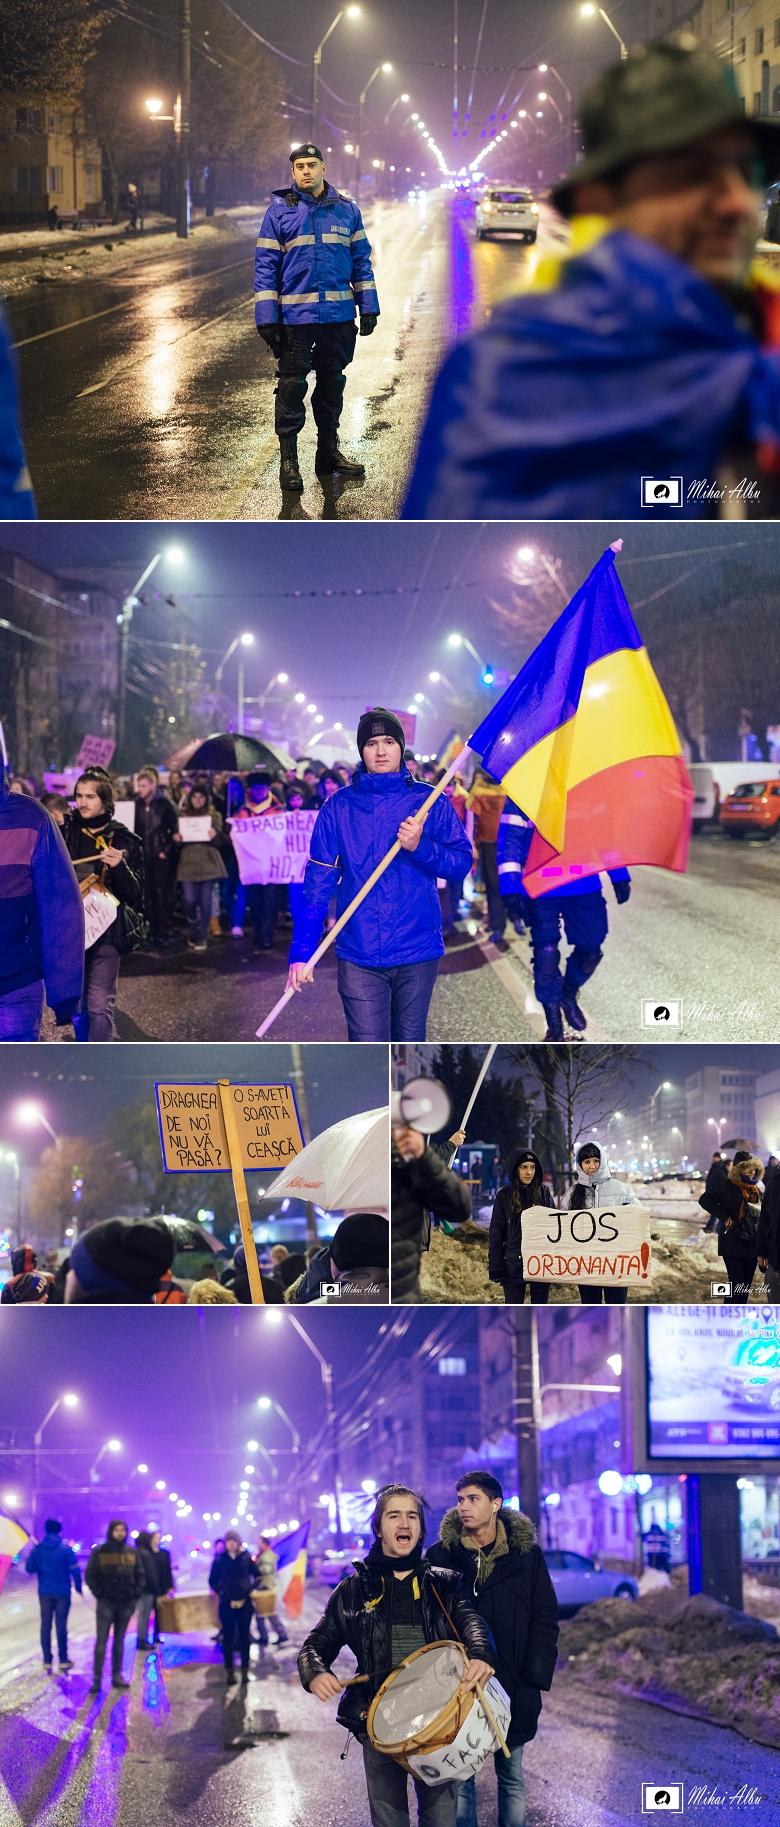 baia_mare_poze_proteste_baia_mare_revolutie_platoul_bucuresti_revolta 8